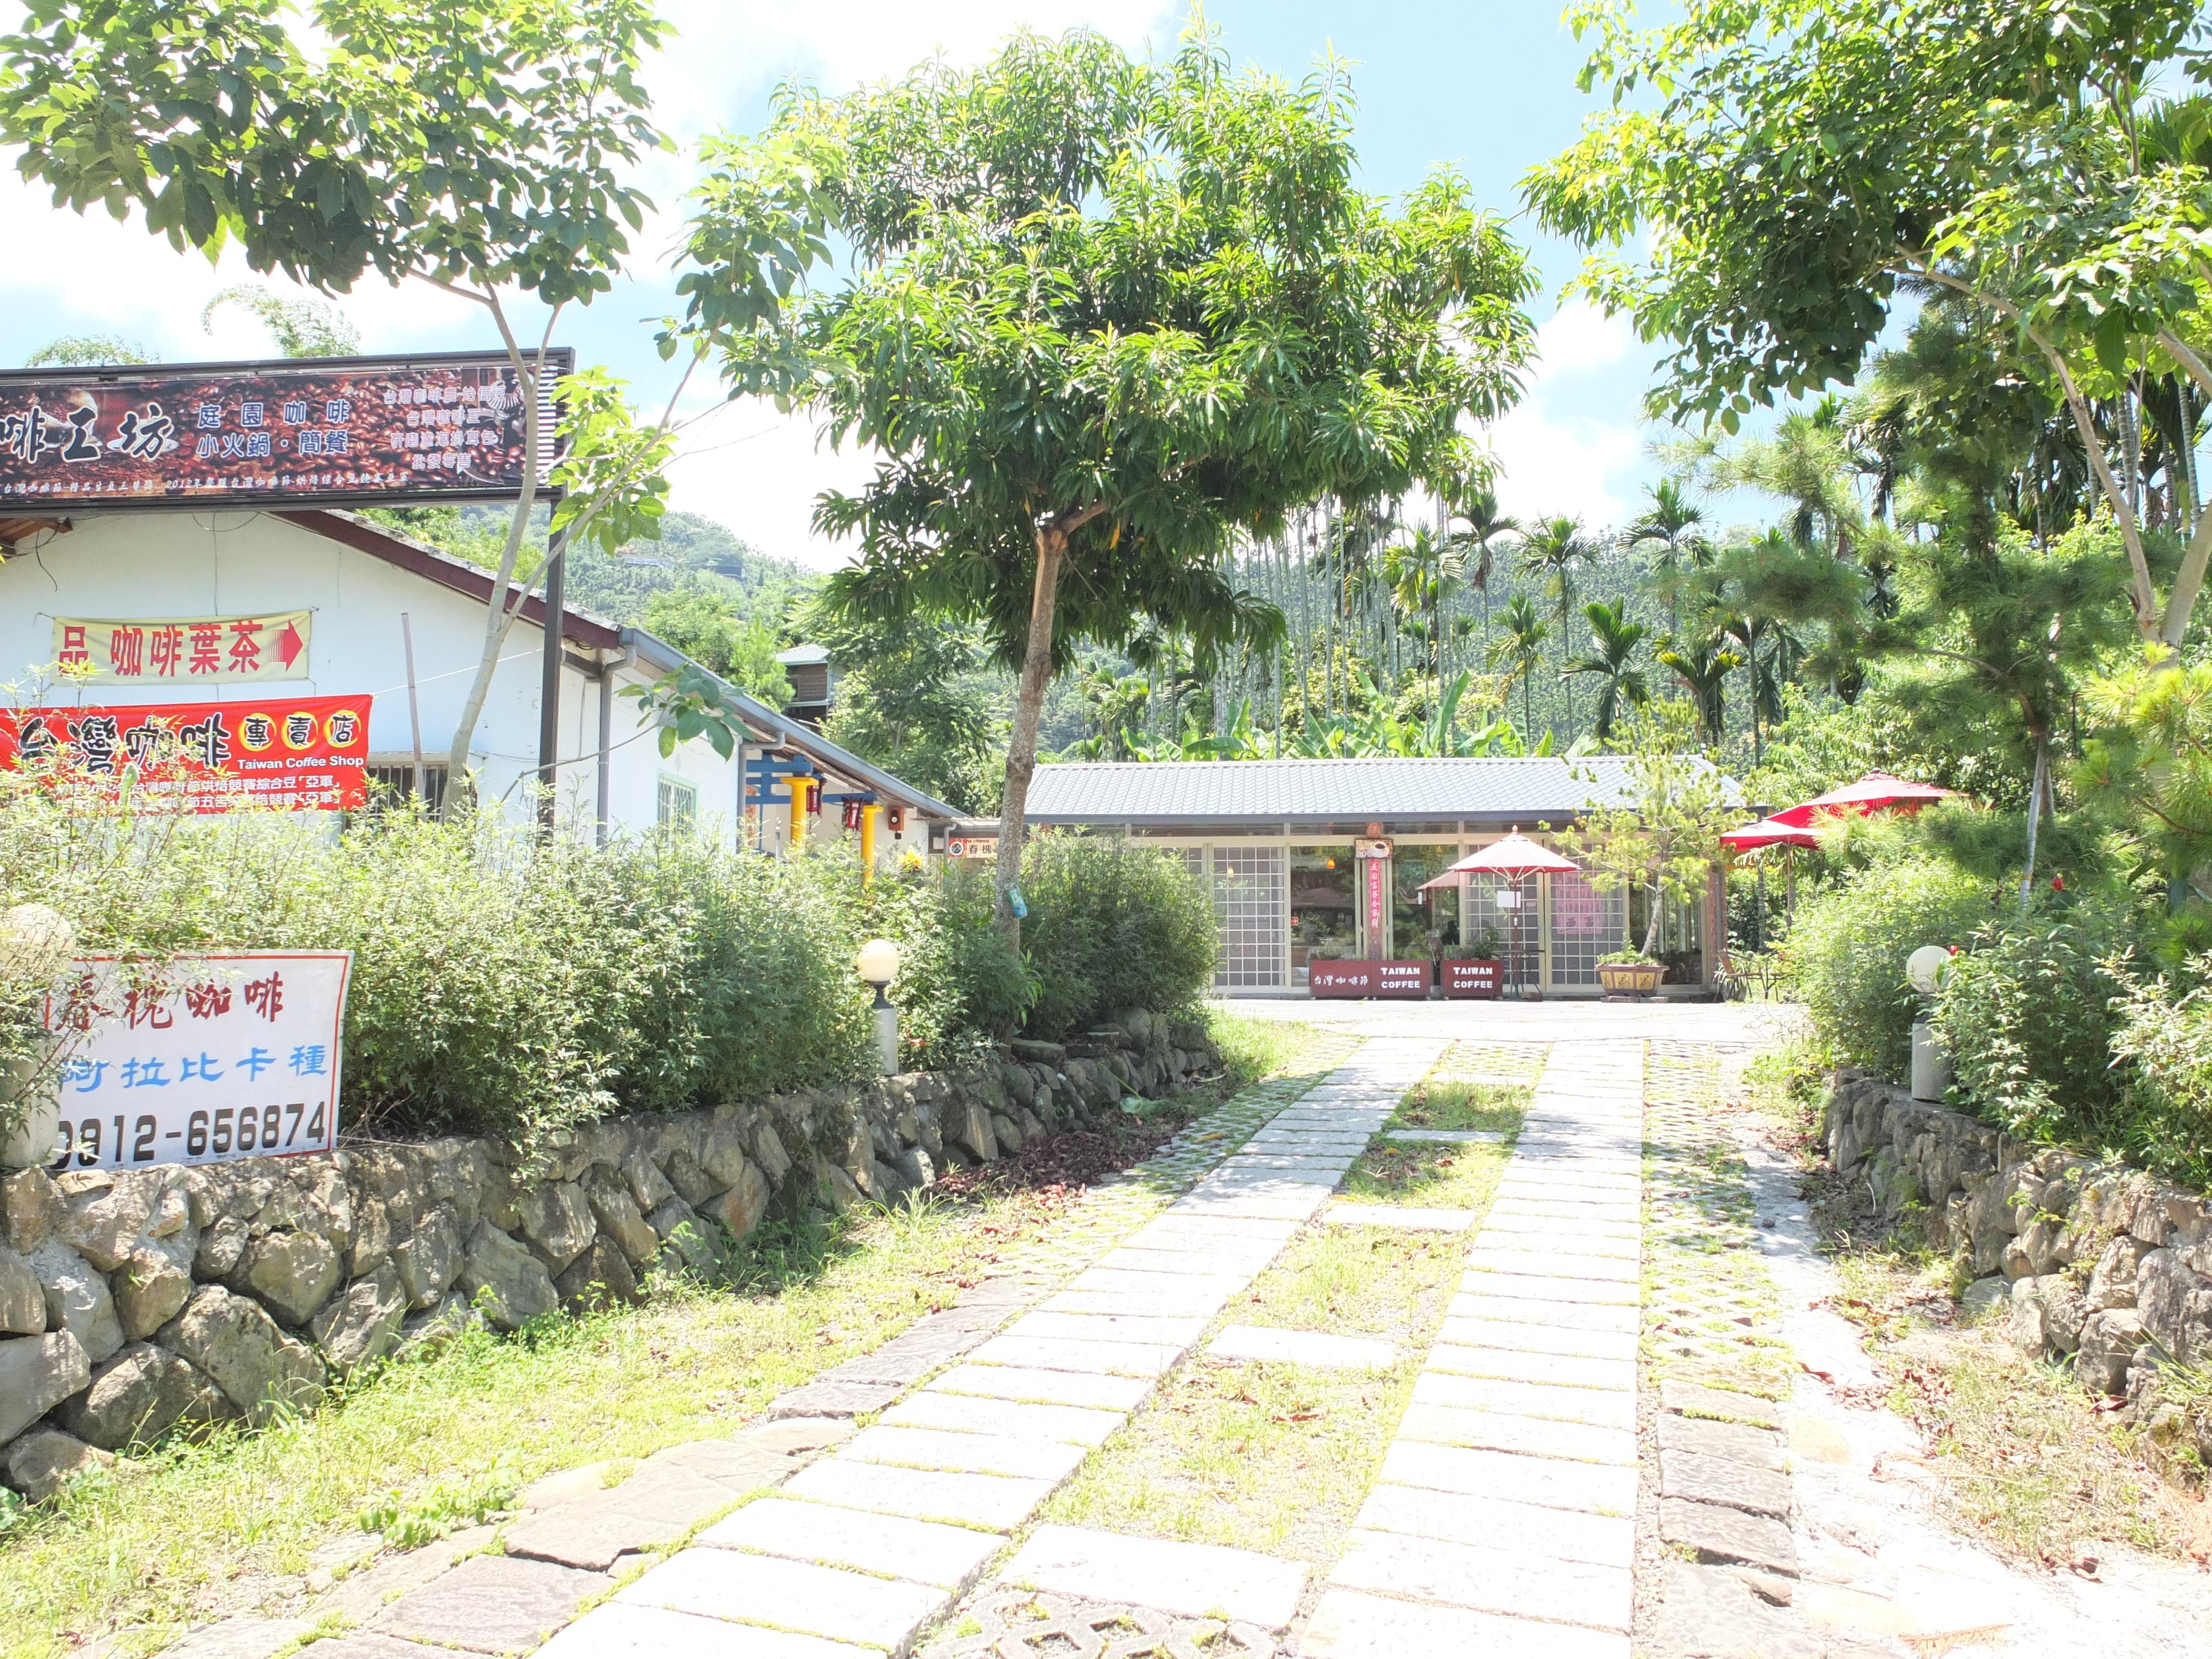 春槐咖啡工坊 (5)